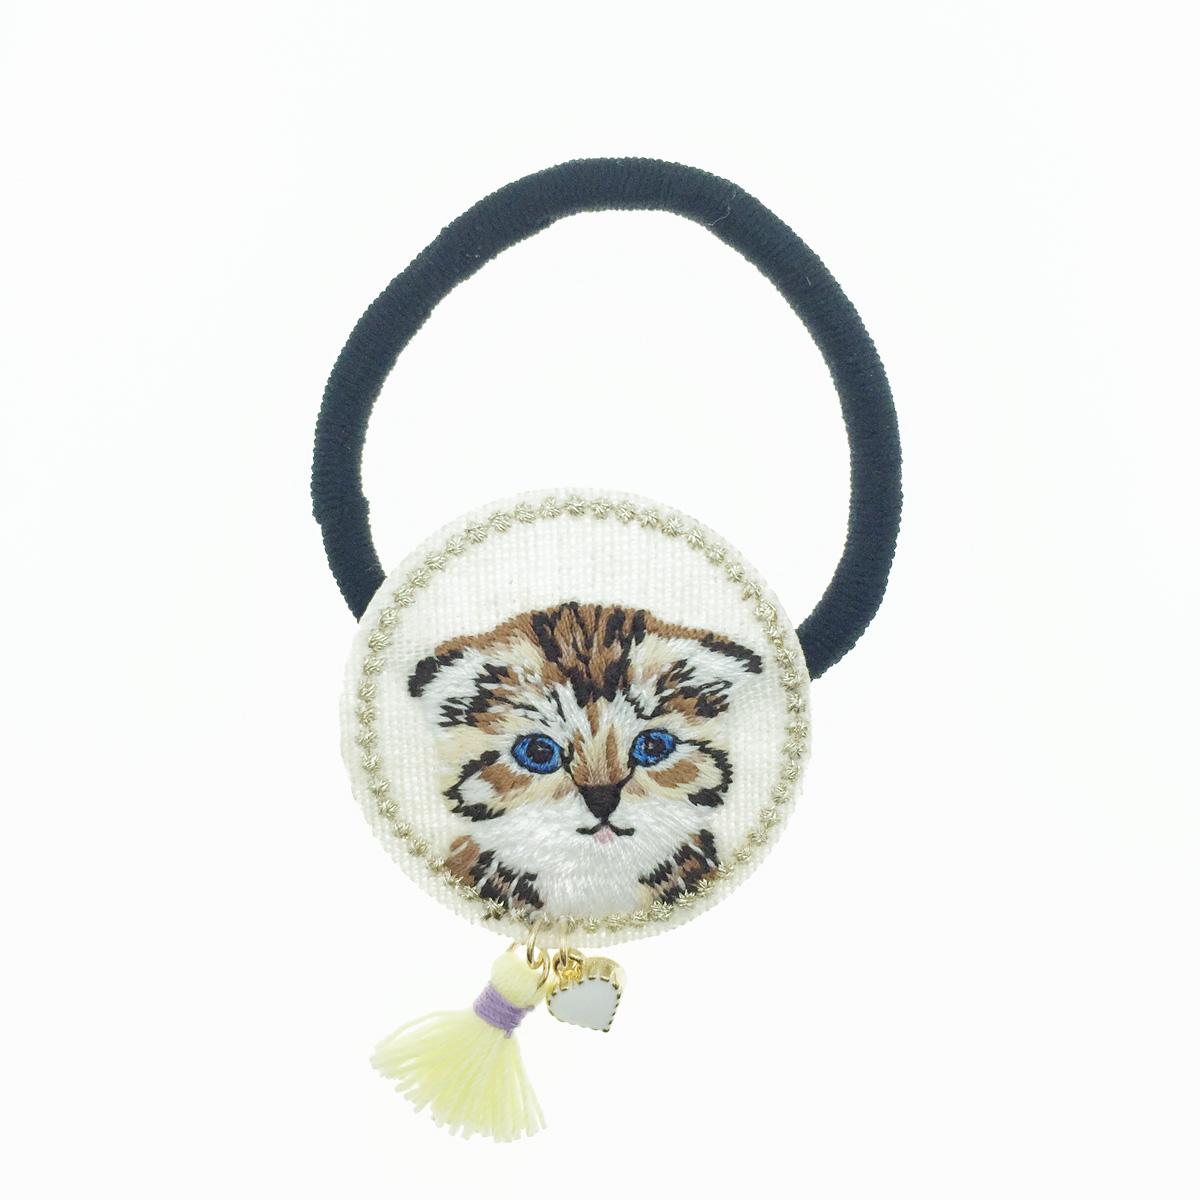 韓國 貓咪 藍眼睛 可愛動物 圓型 刺繡 流蘇 愛心 髮圈 髮束